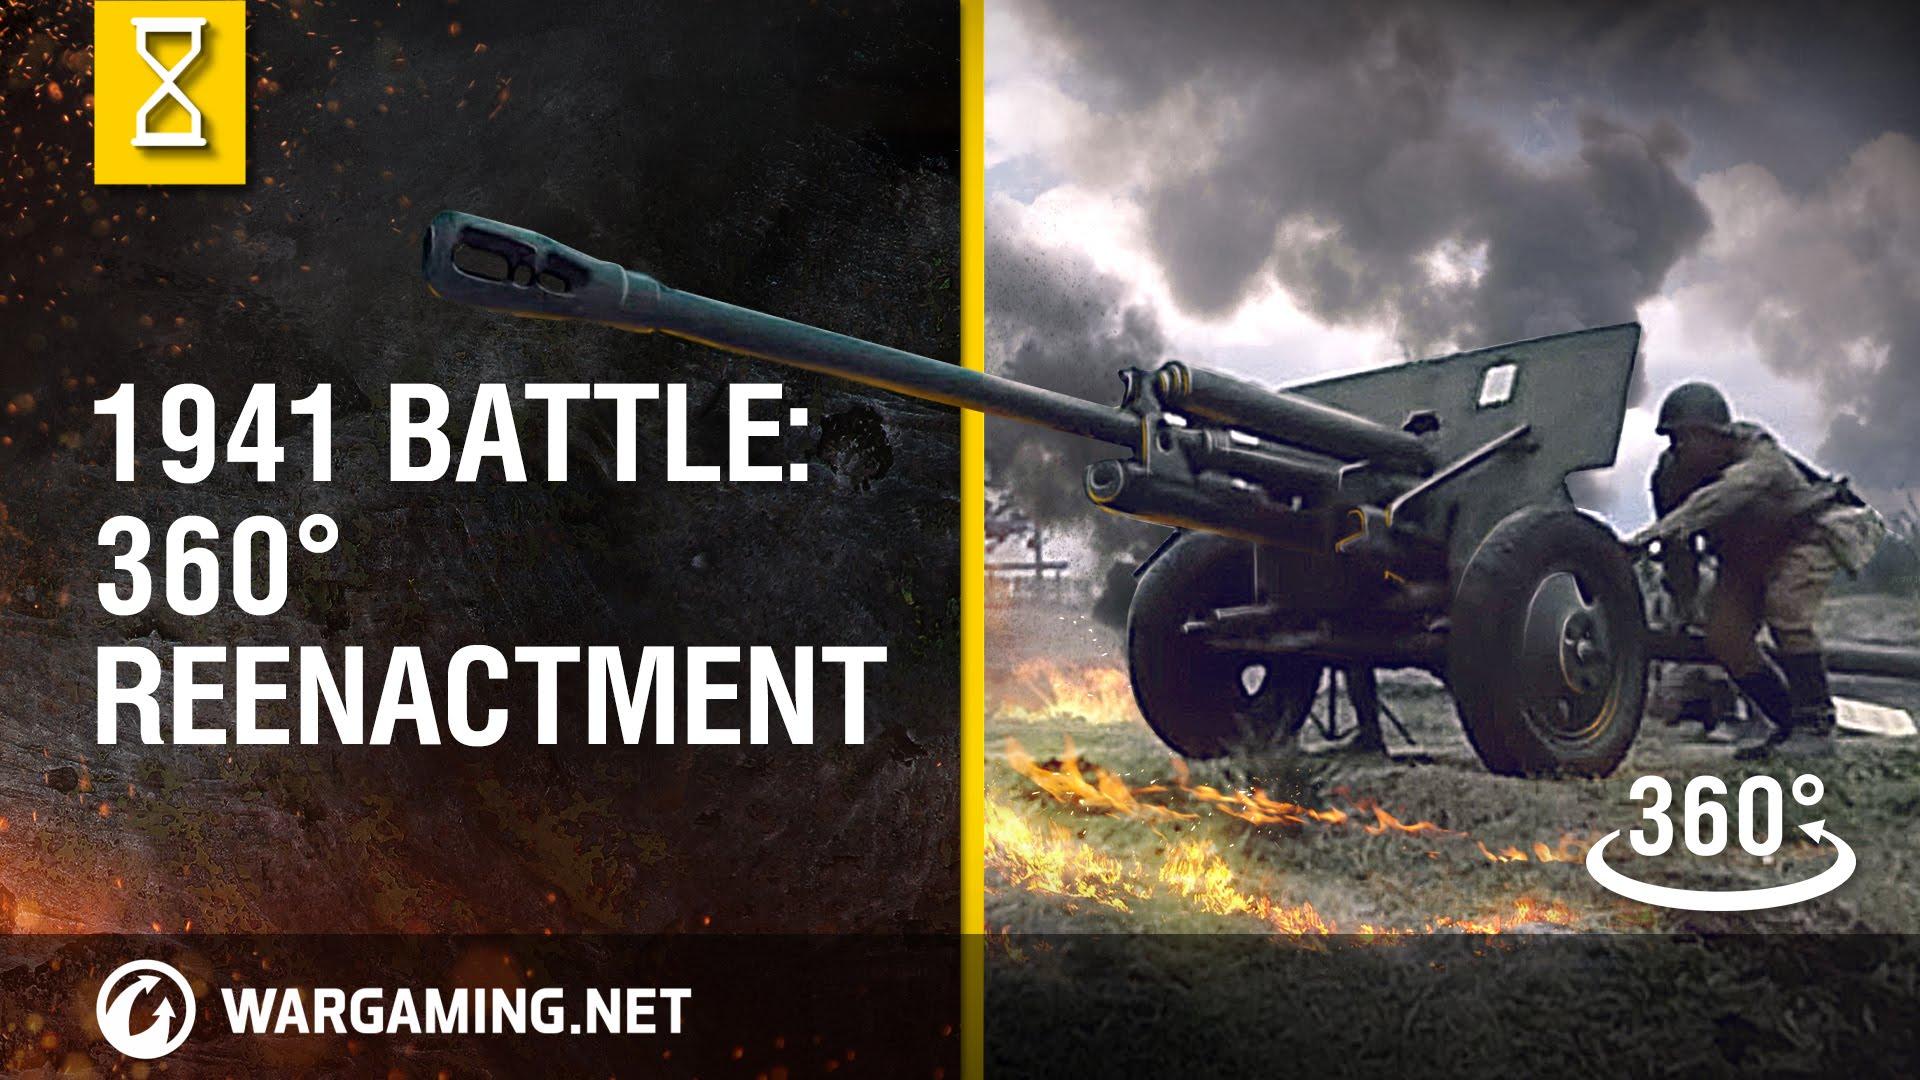 1941 Battle Reenactment